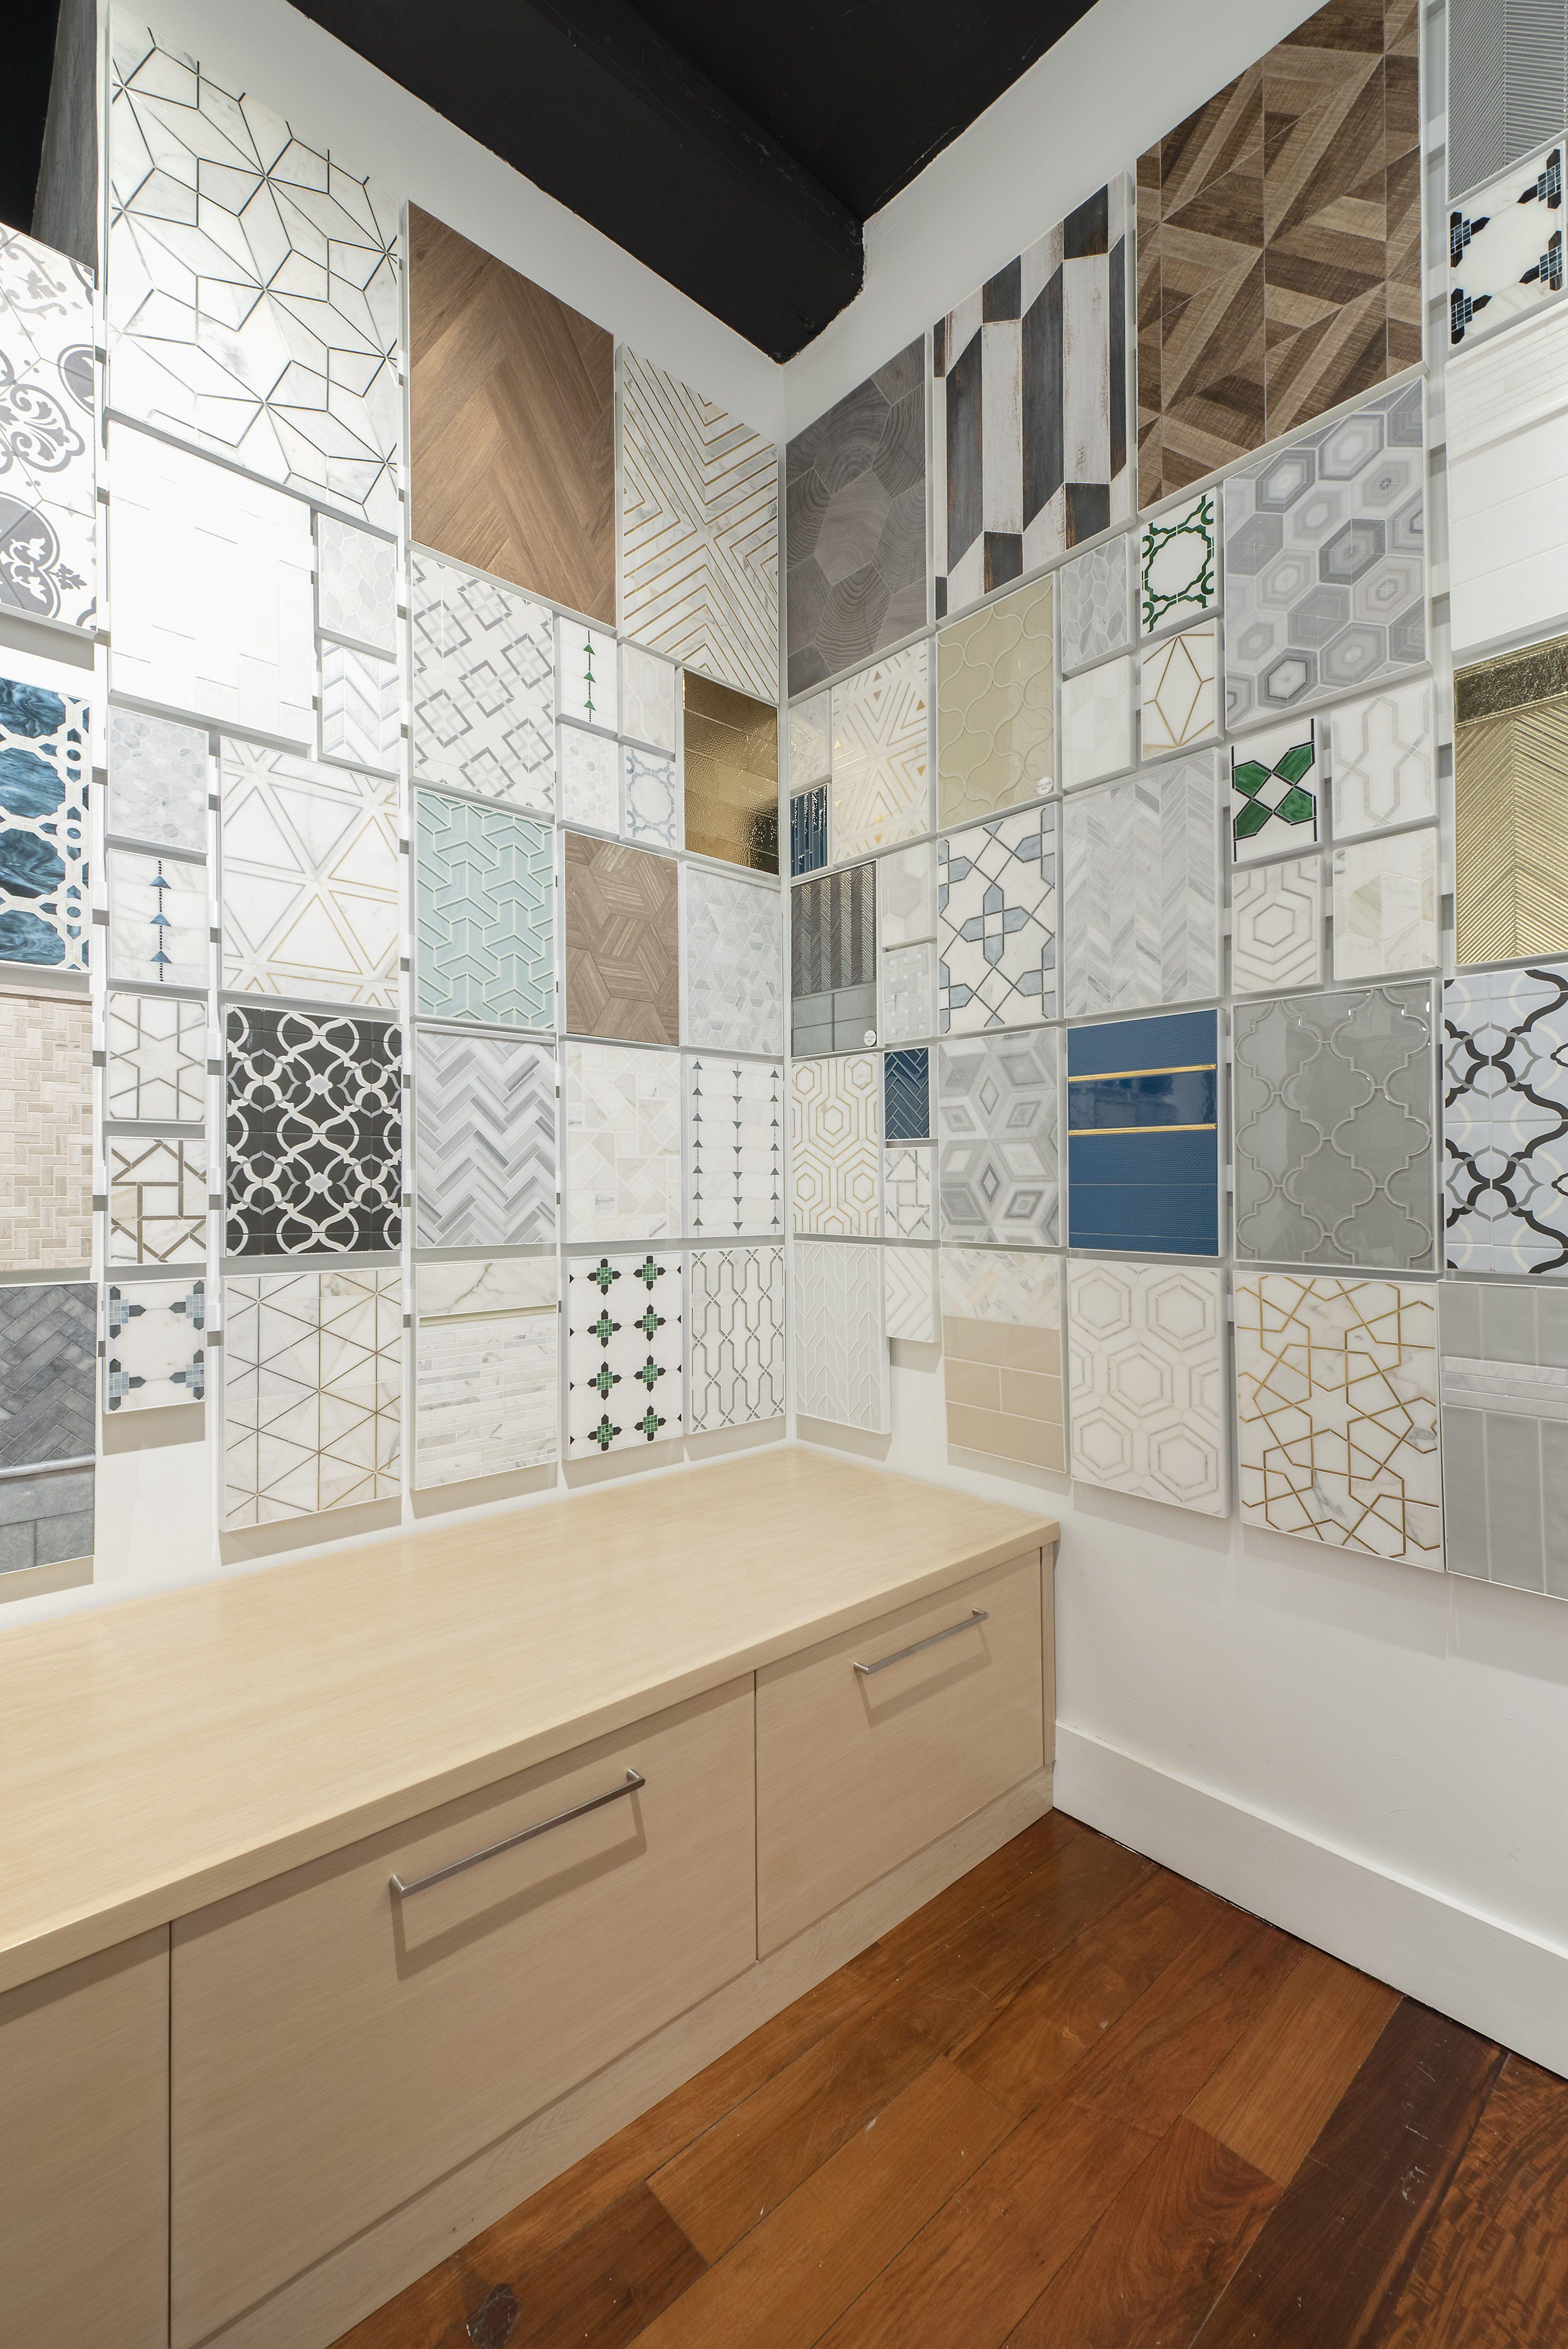 Nyc Kitchen And Bath Showroom Kitchen And Bath Showroom Kitchen